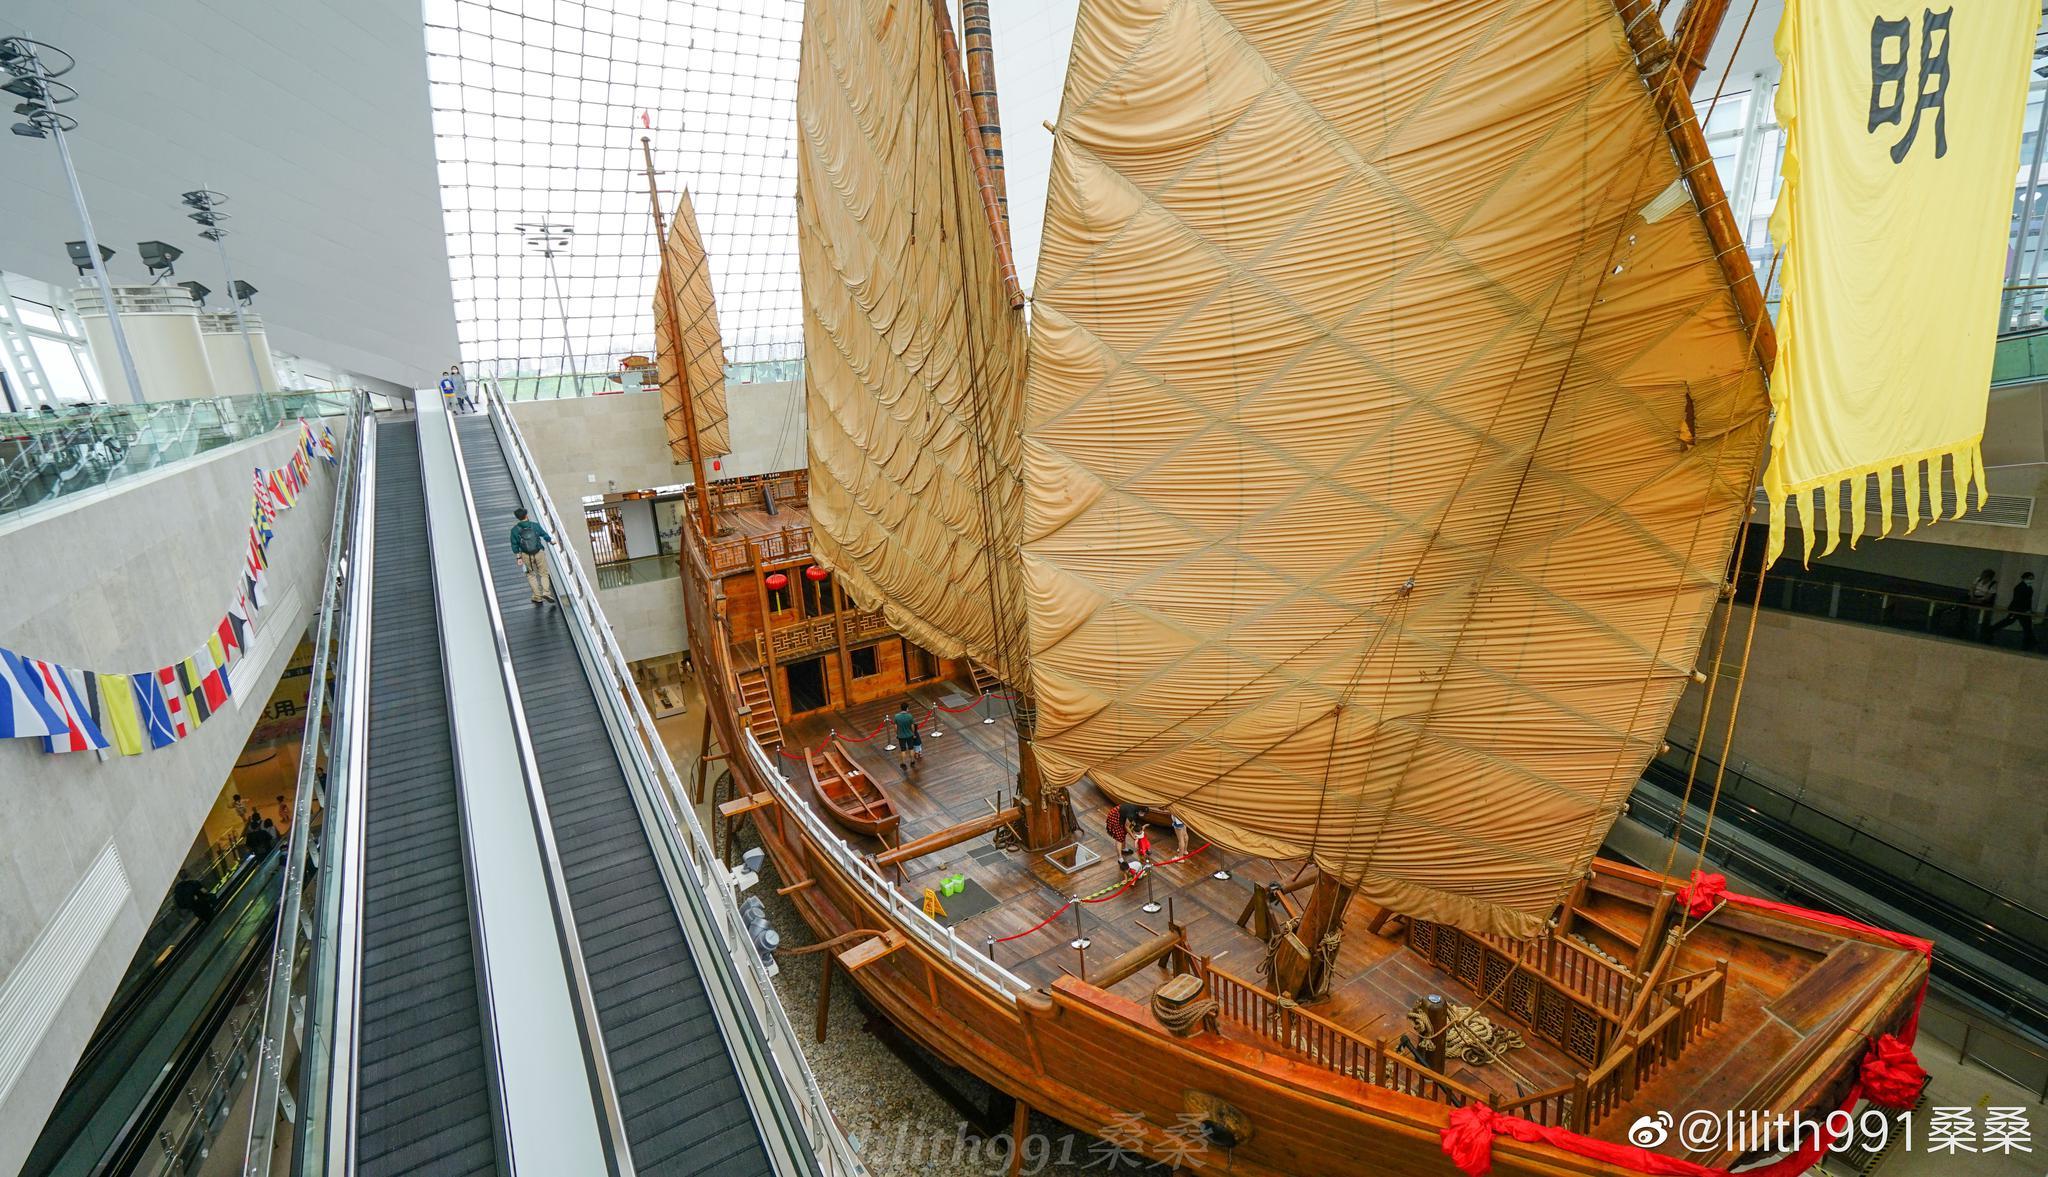 中国航海博物馆有航海历史馆,船舶馆,海员馆,军事航海馆等